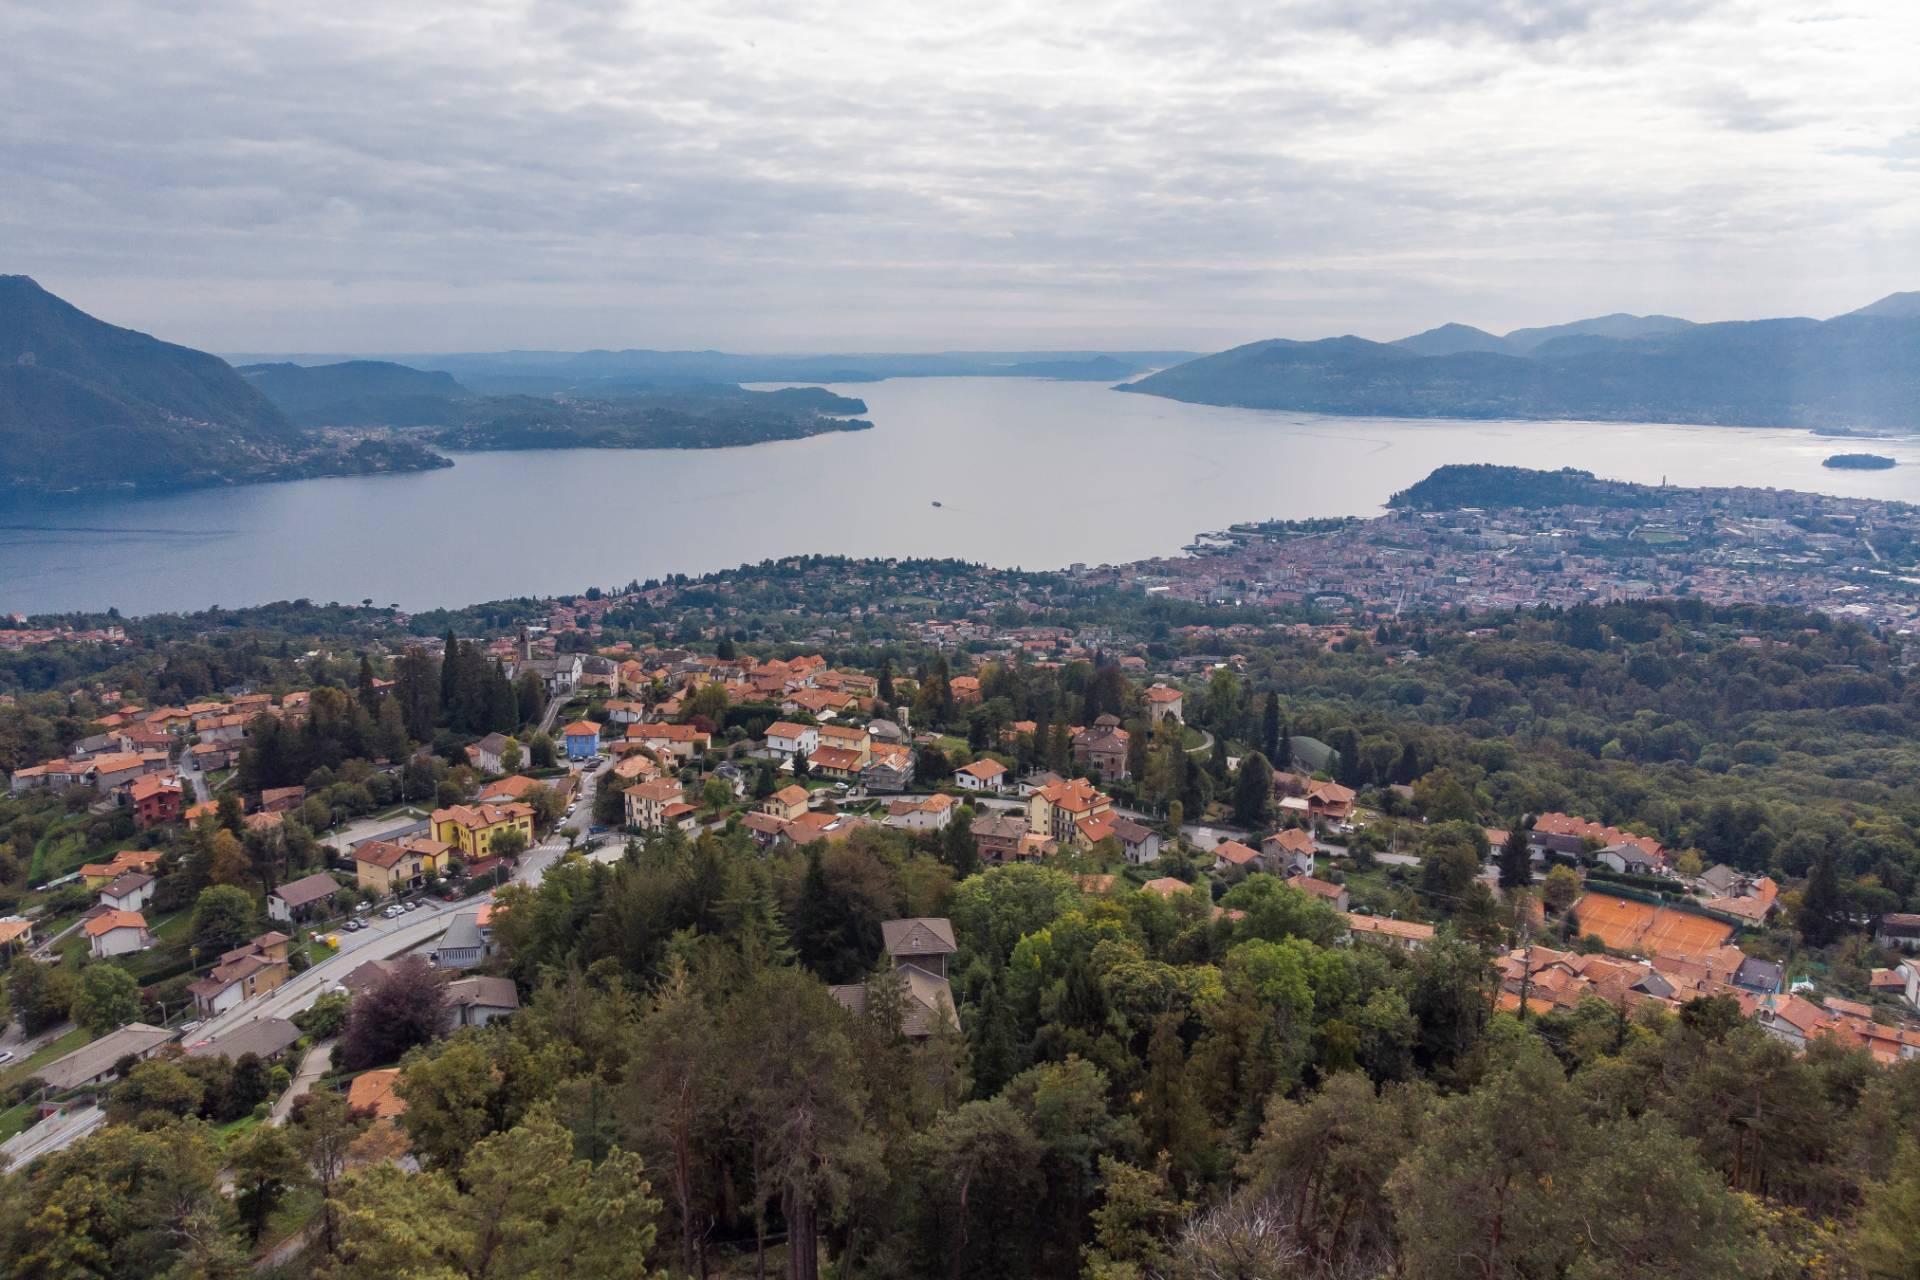 Villa unifamiliare nella zona collinare di Verbania con vista magnifica sul lago - 6